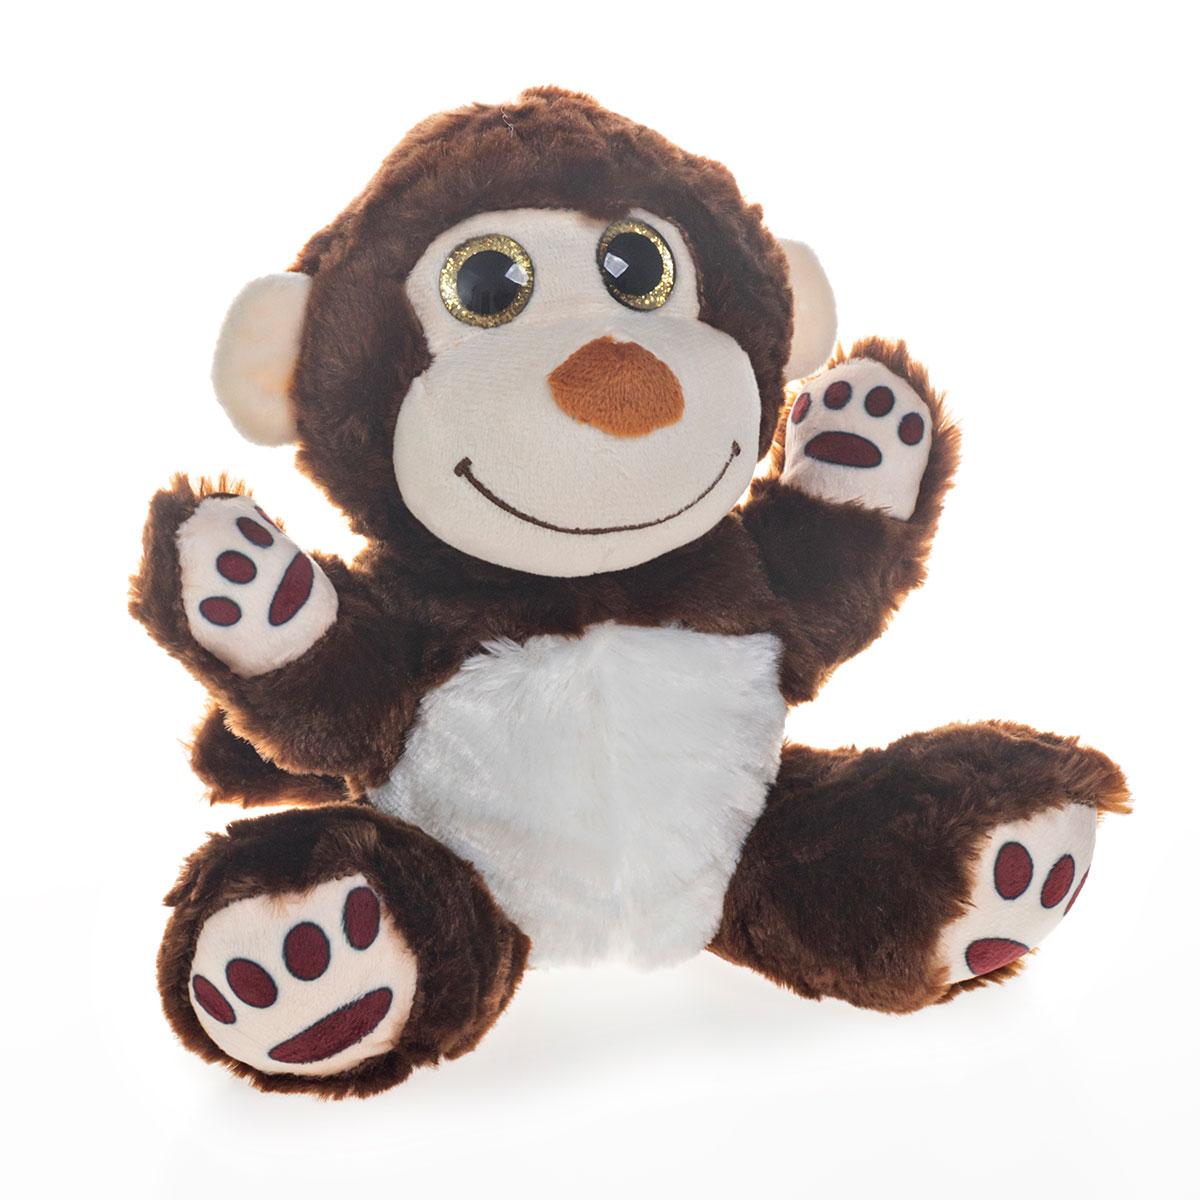 Macaco de Pelúcia Com Olhos Brilhantes 19cm Sentado